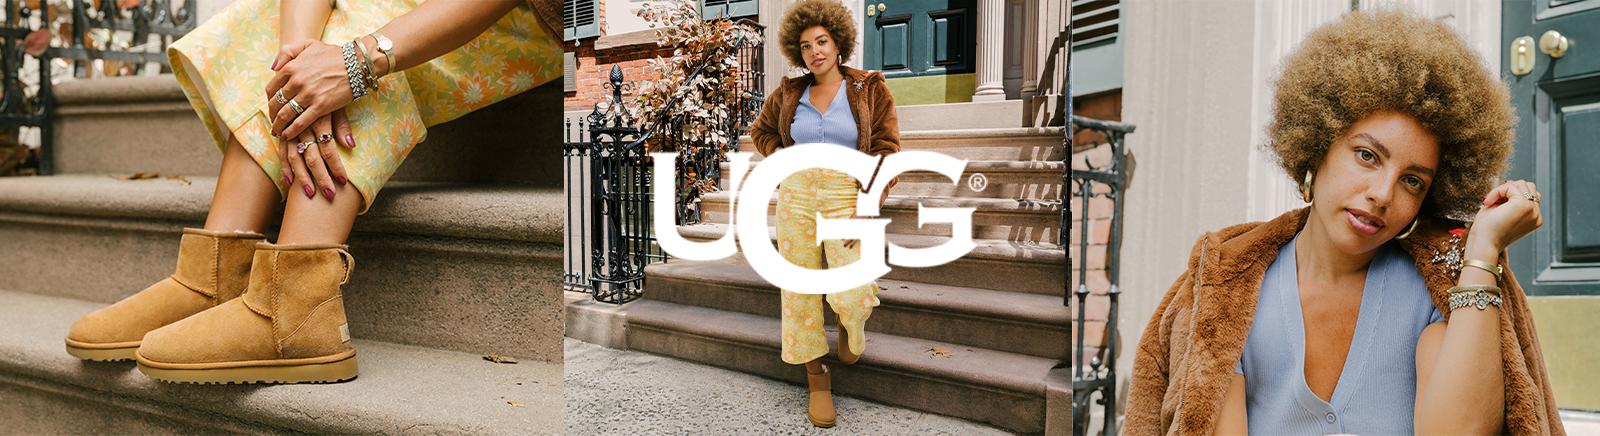 UGG Boots für Kinder im Online-Shop von GISY kaufen